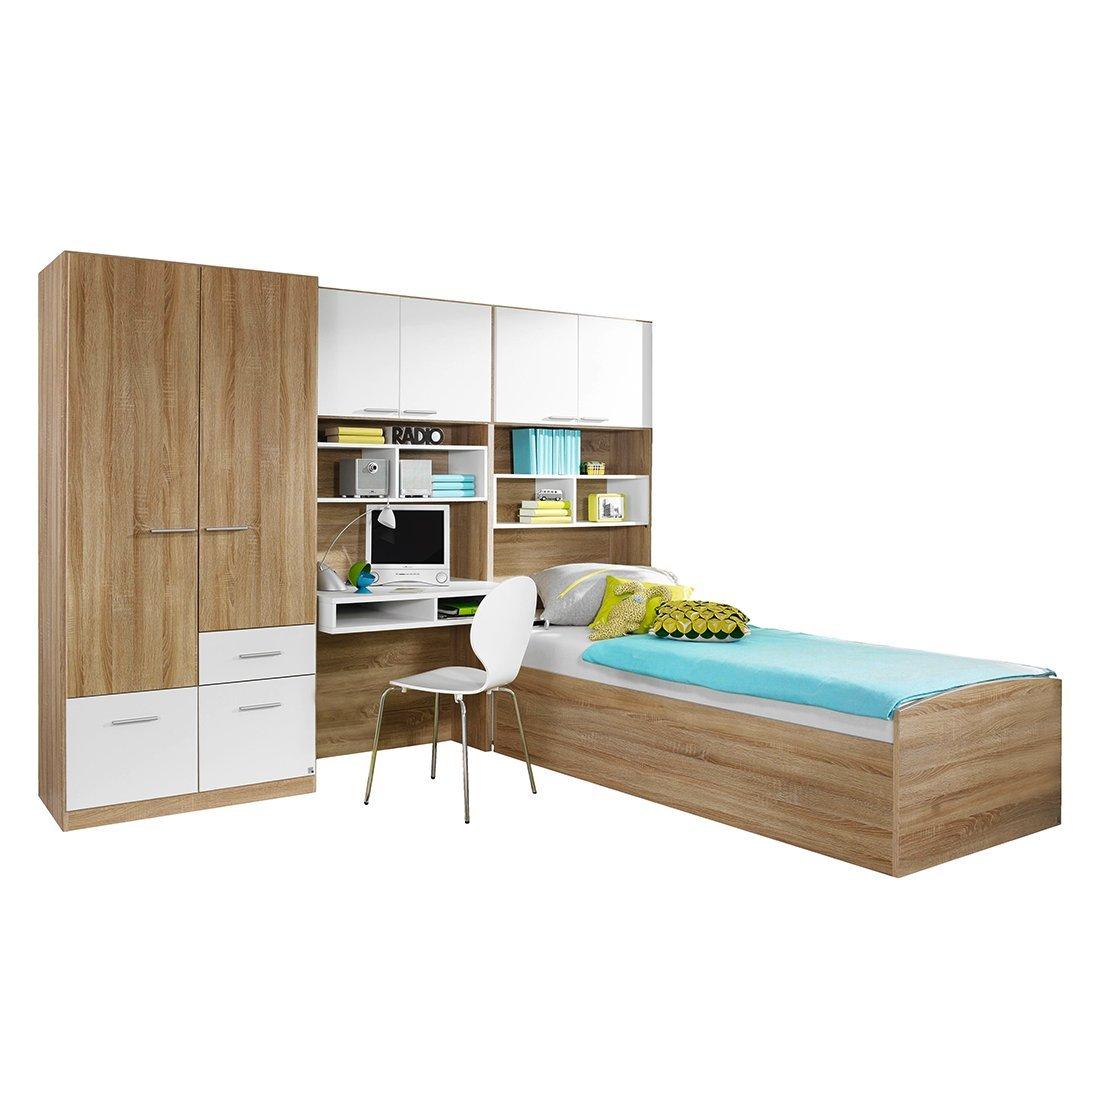 Jugendzimmer »CODIE221« Eiche Sonoma Nachbildung, alpinweiß